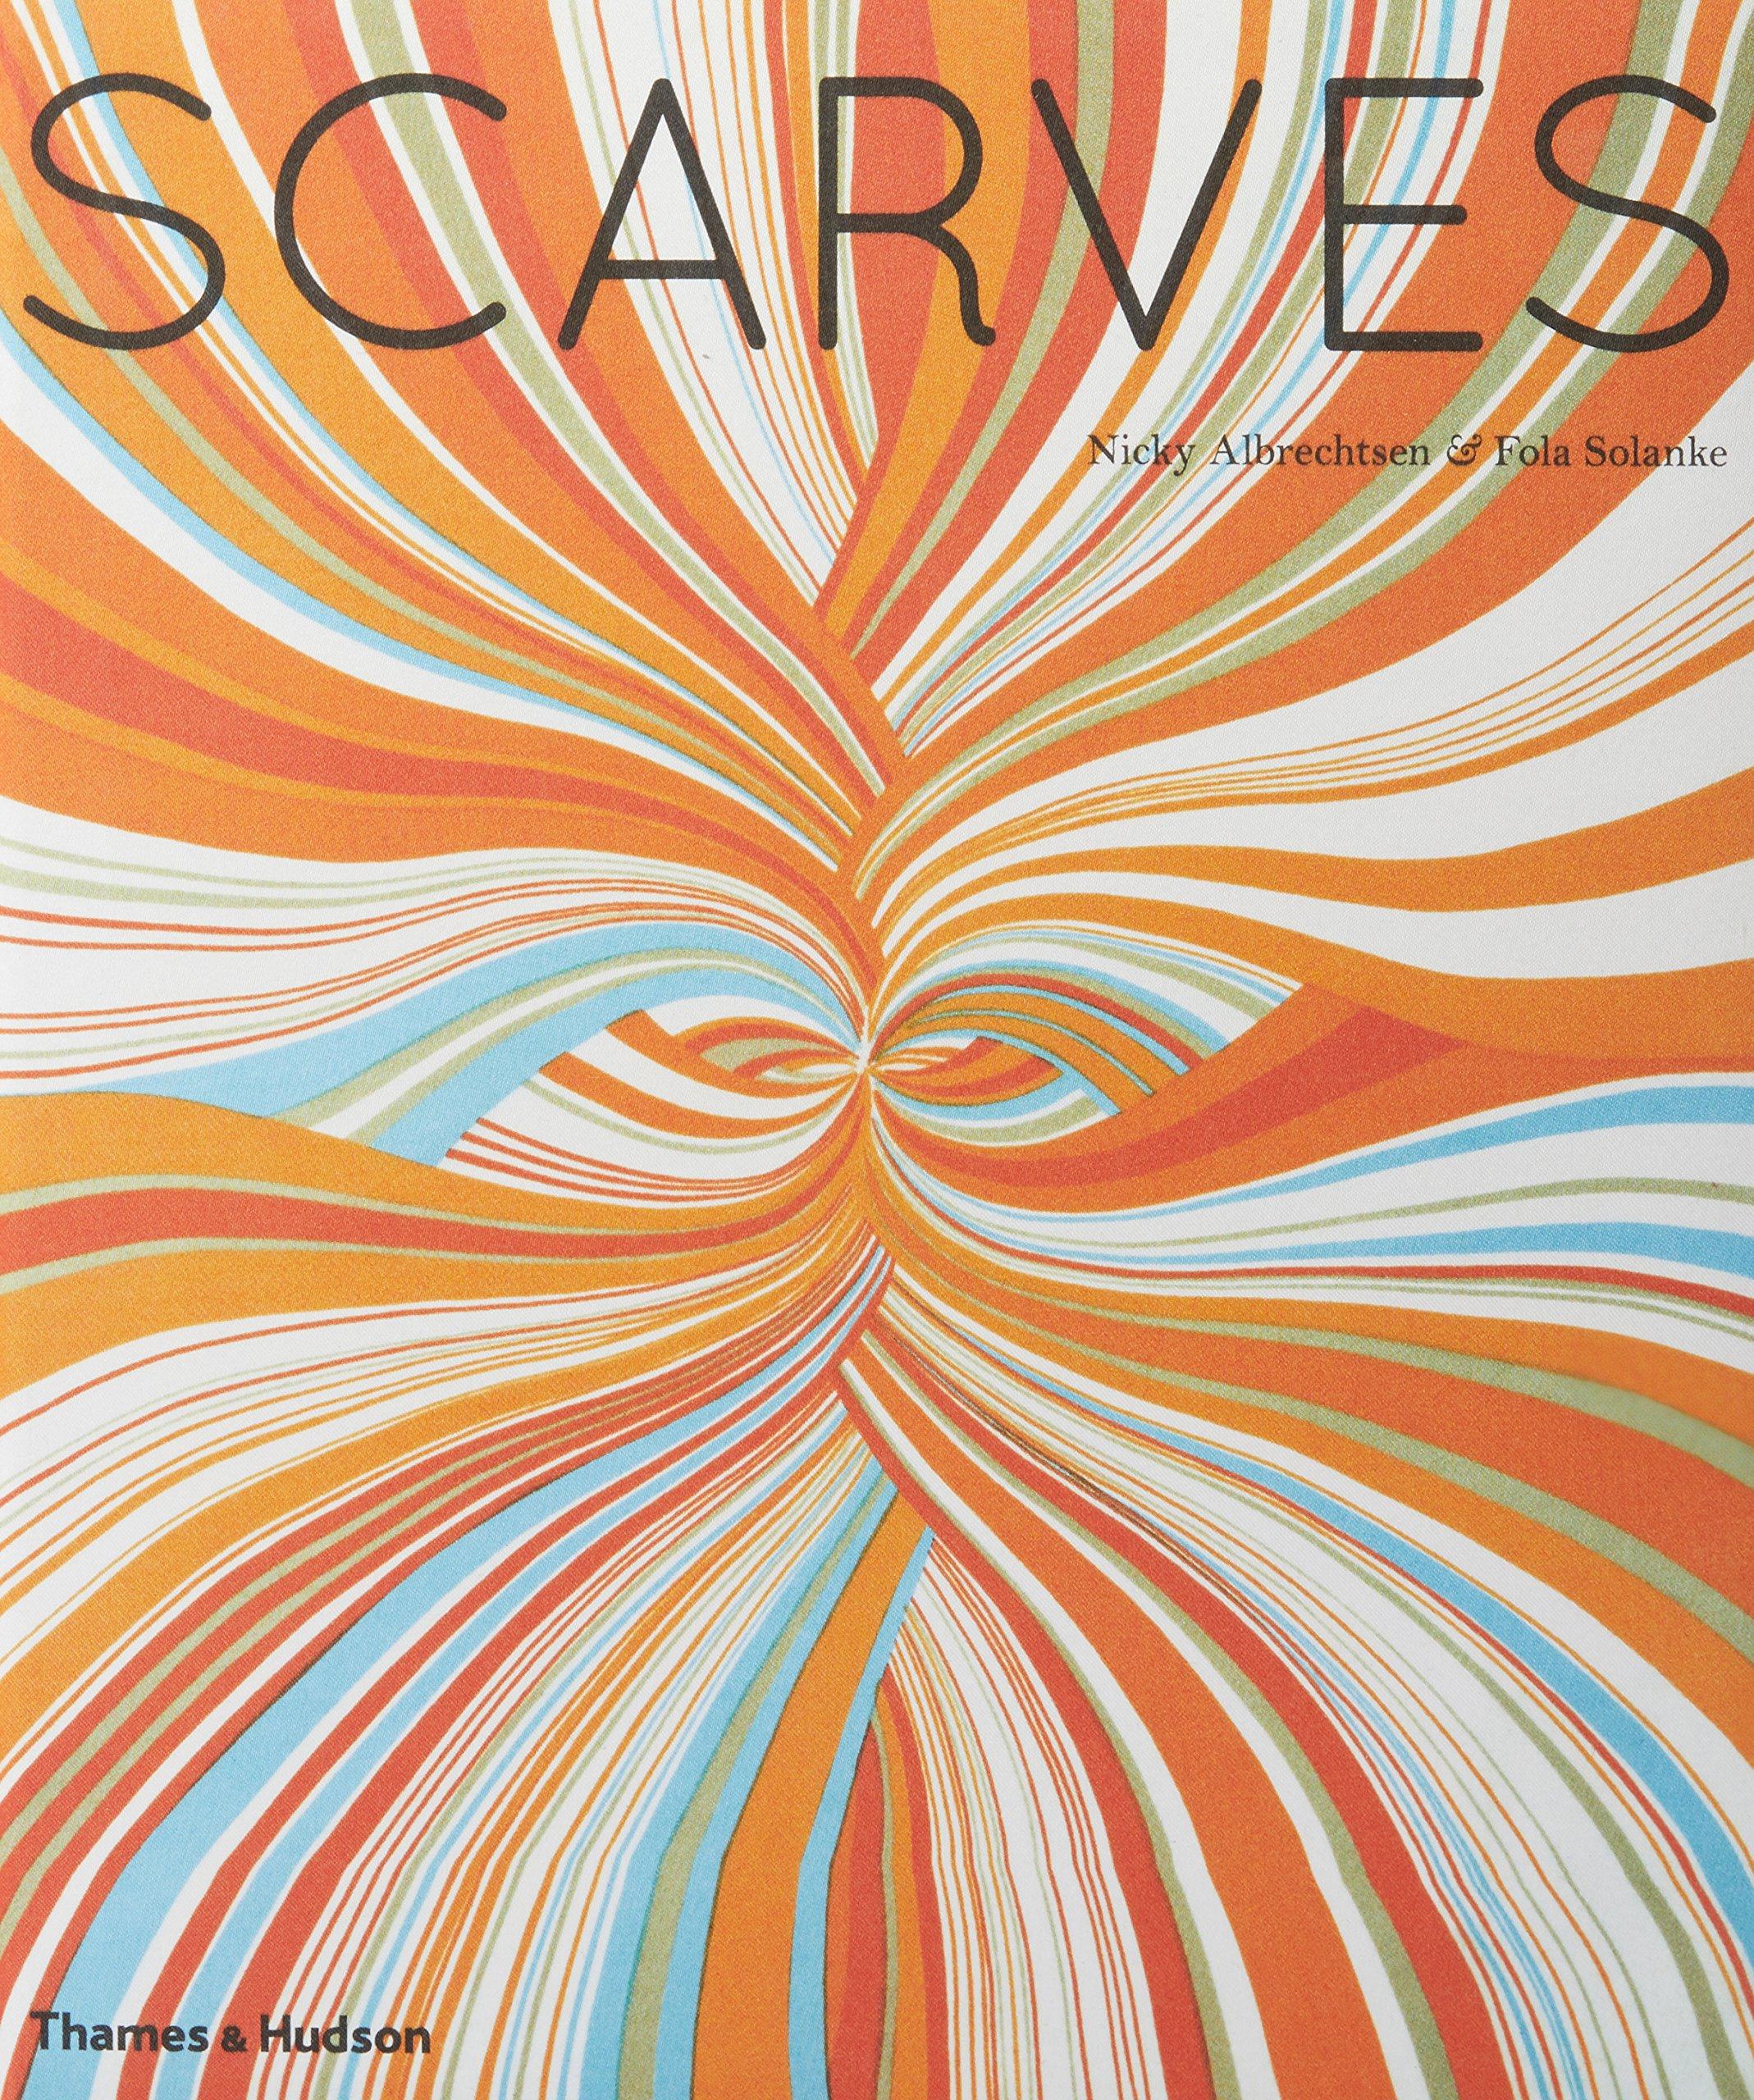 Scarves pdf epub